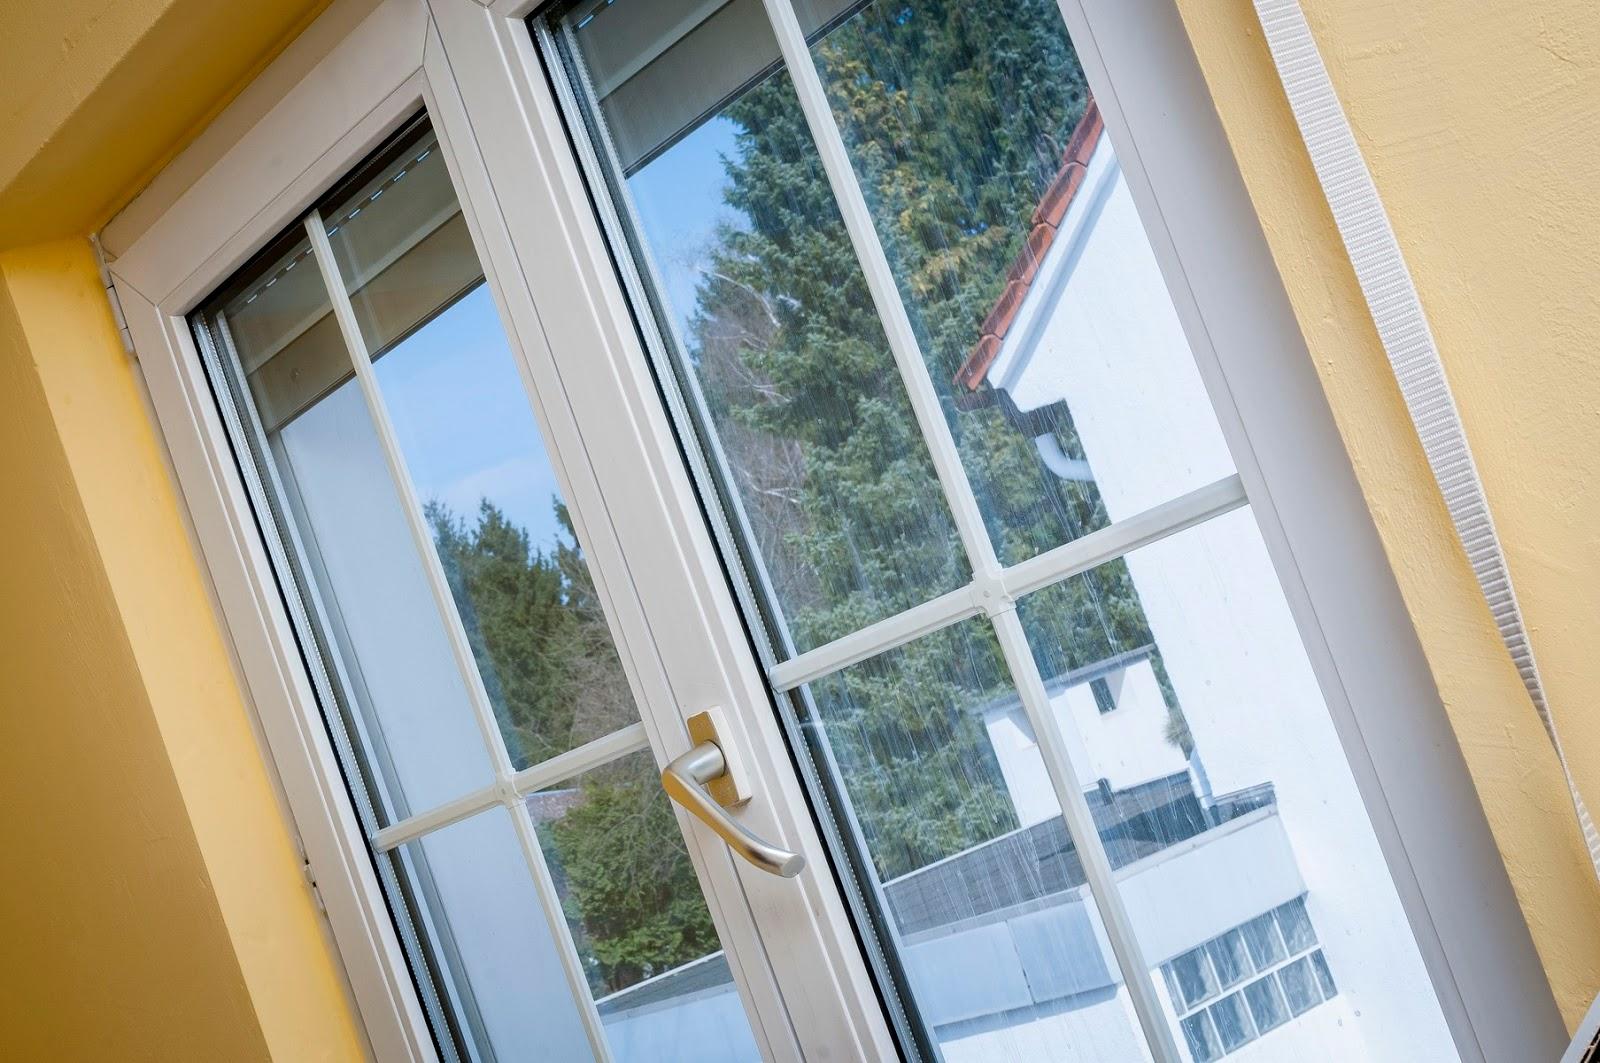 Die frisch geputzten Fensterscheiben